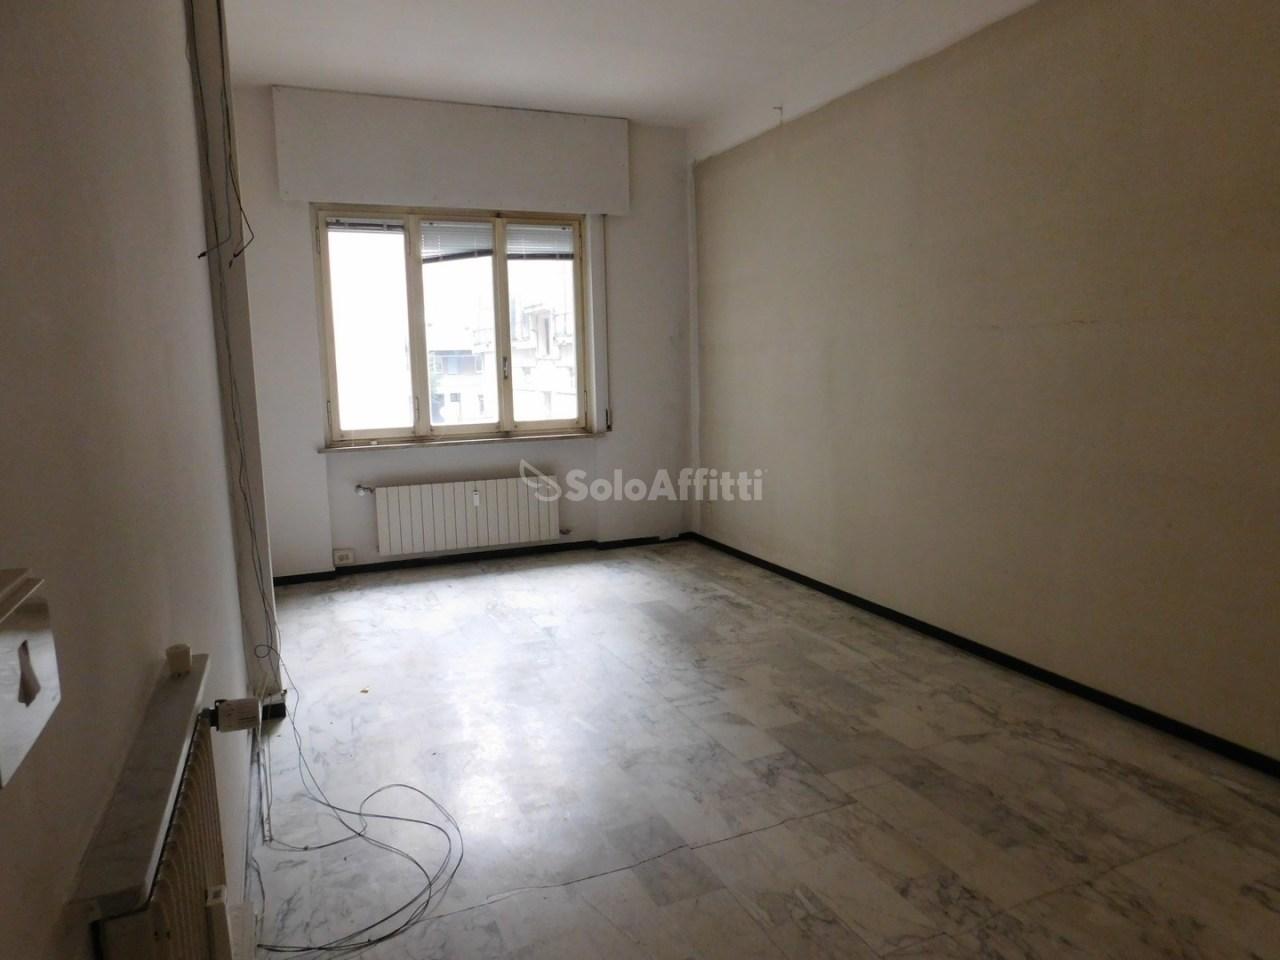 Ufficio / Studio in affitto a Savona, 13 locali, prezzo € 2.500 | PortaleAgenzieImmobiliari.it